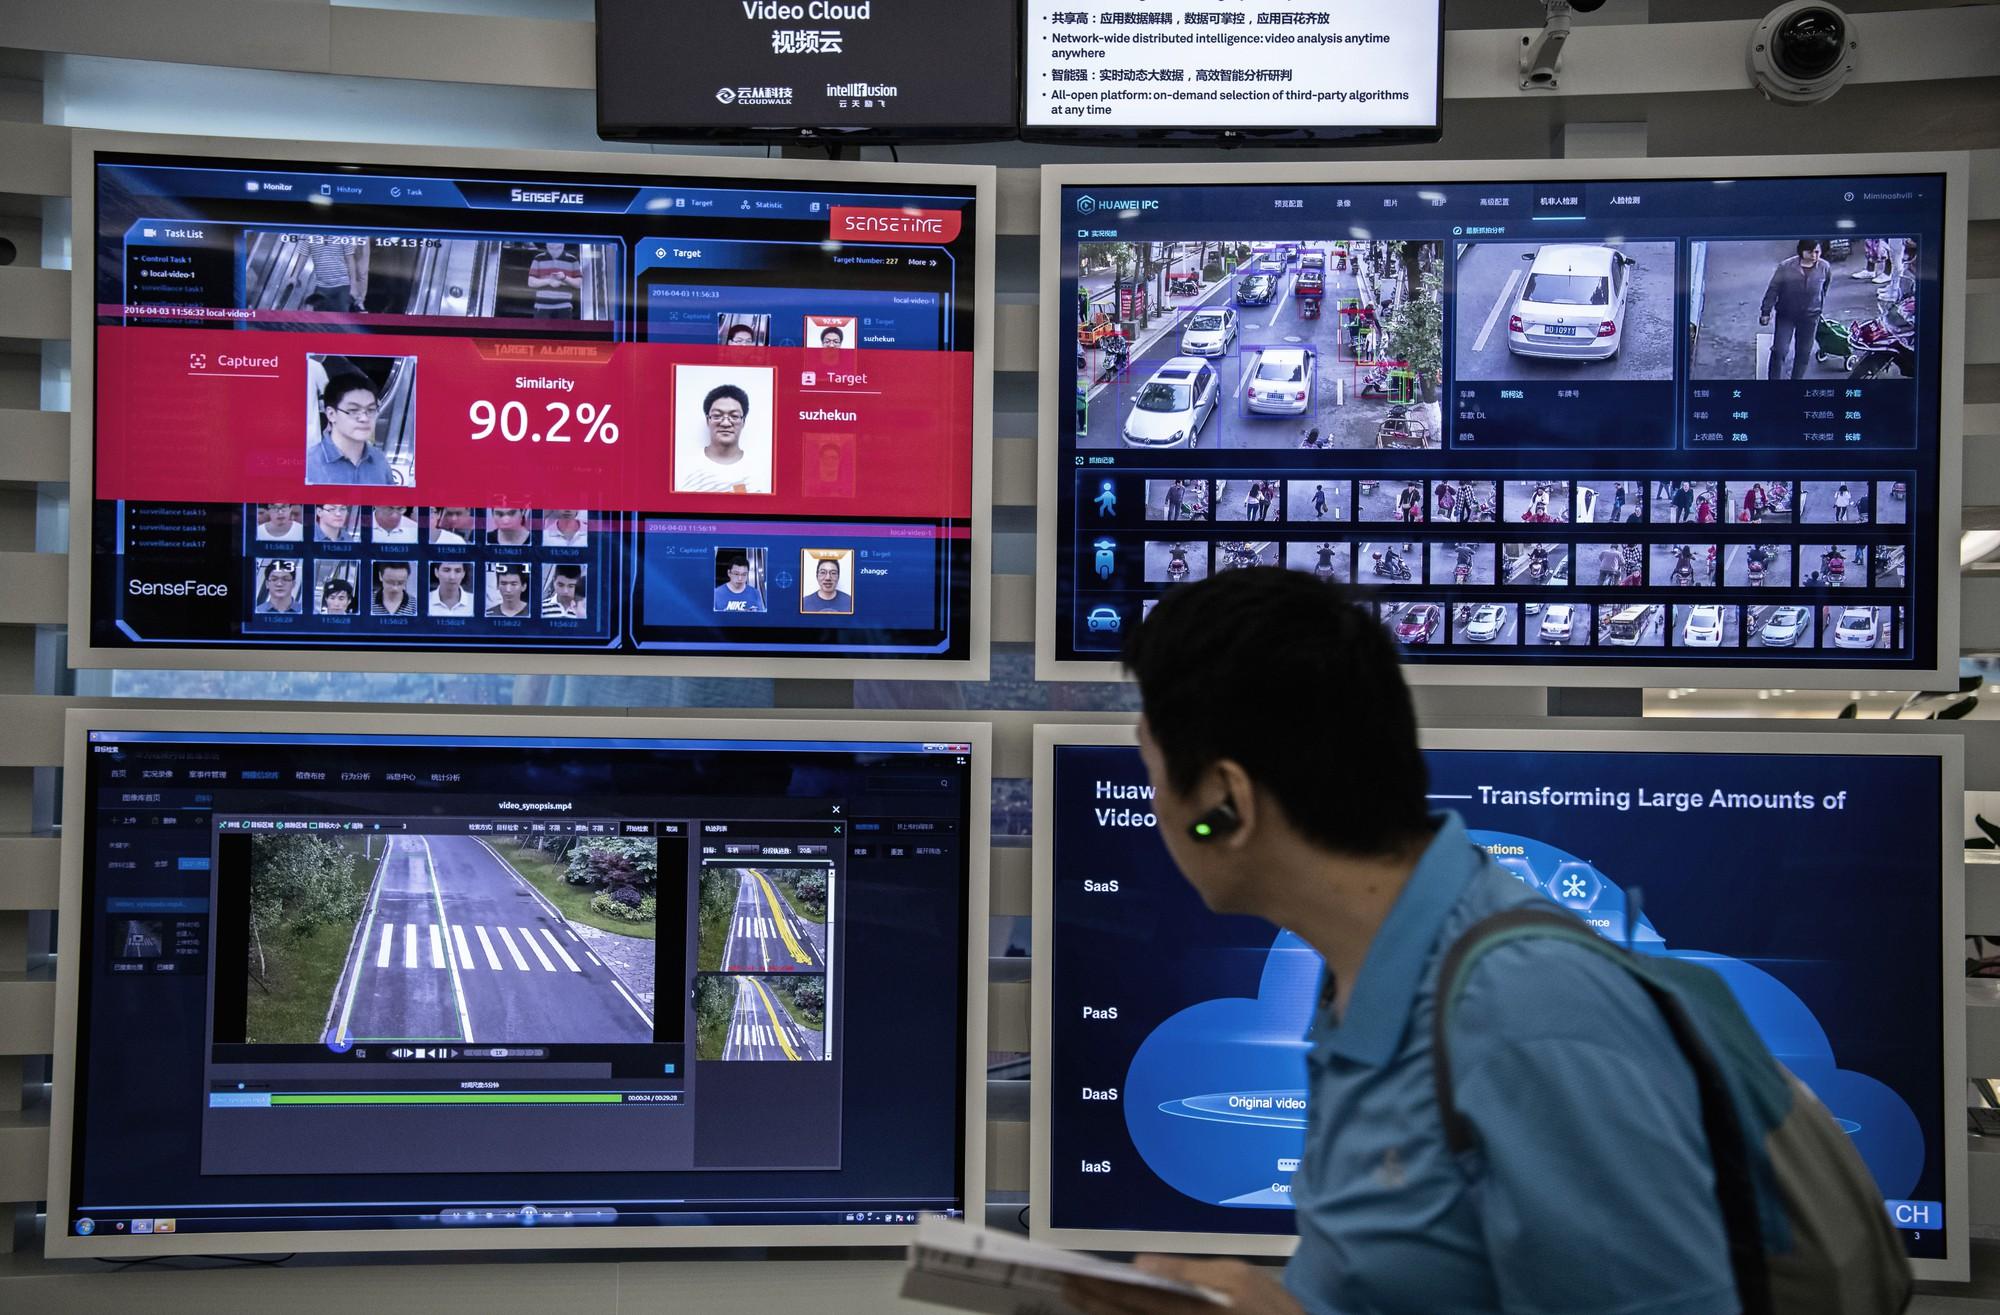 Đại bản doanh tỉ đô của Huawei: Gần 60.000 nhân viên không dùng tiền mặt, ngắm thiên nga đen và chụp ảnh sống ảo khi rảnh rỗi - Ảnh 19.